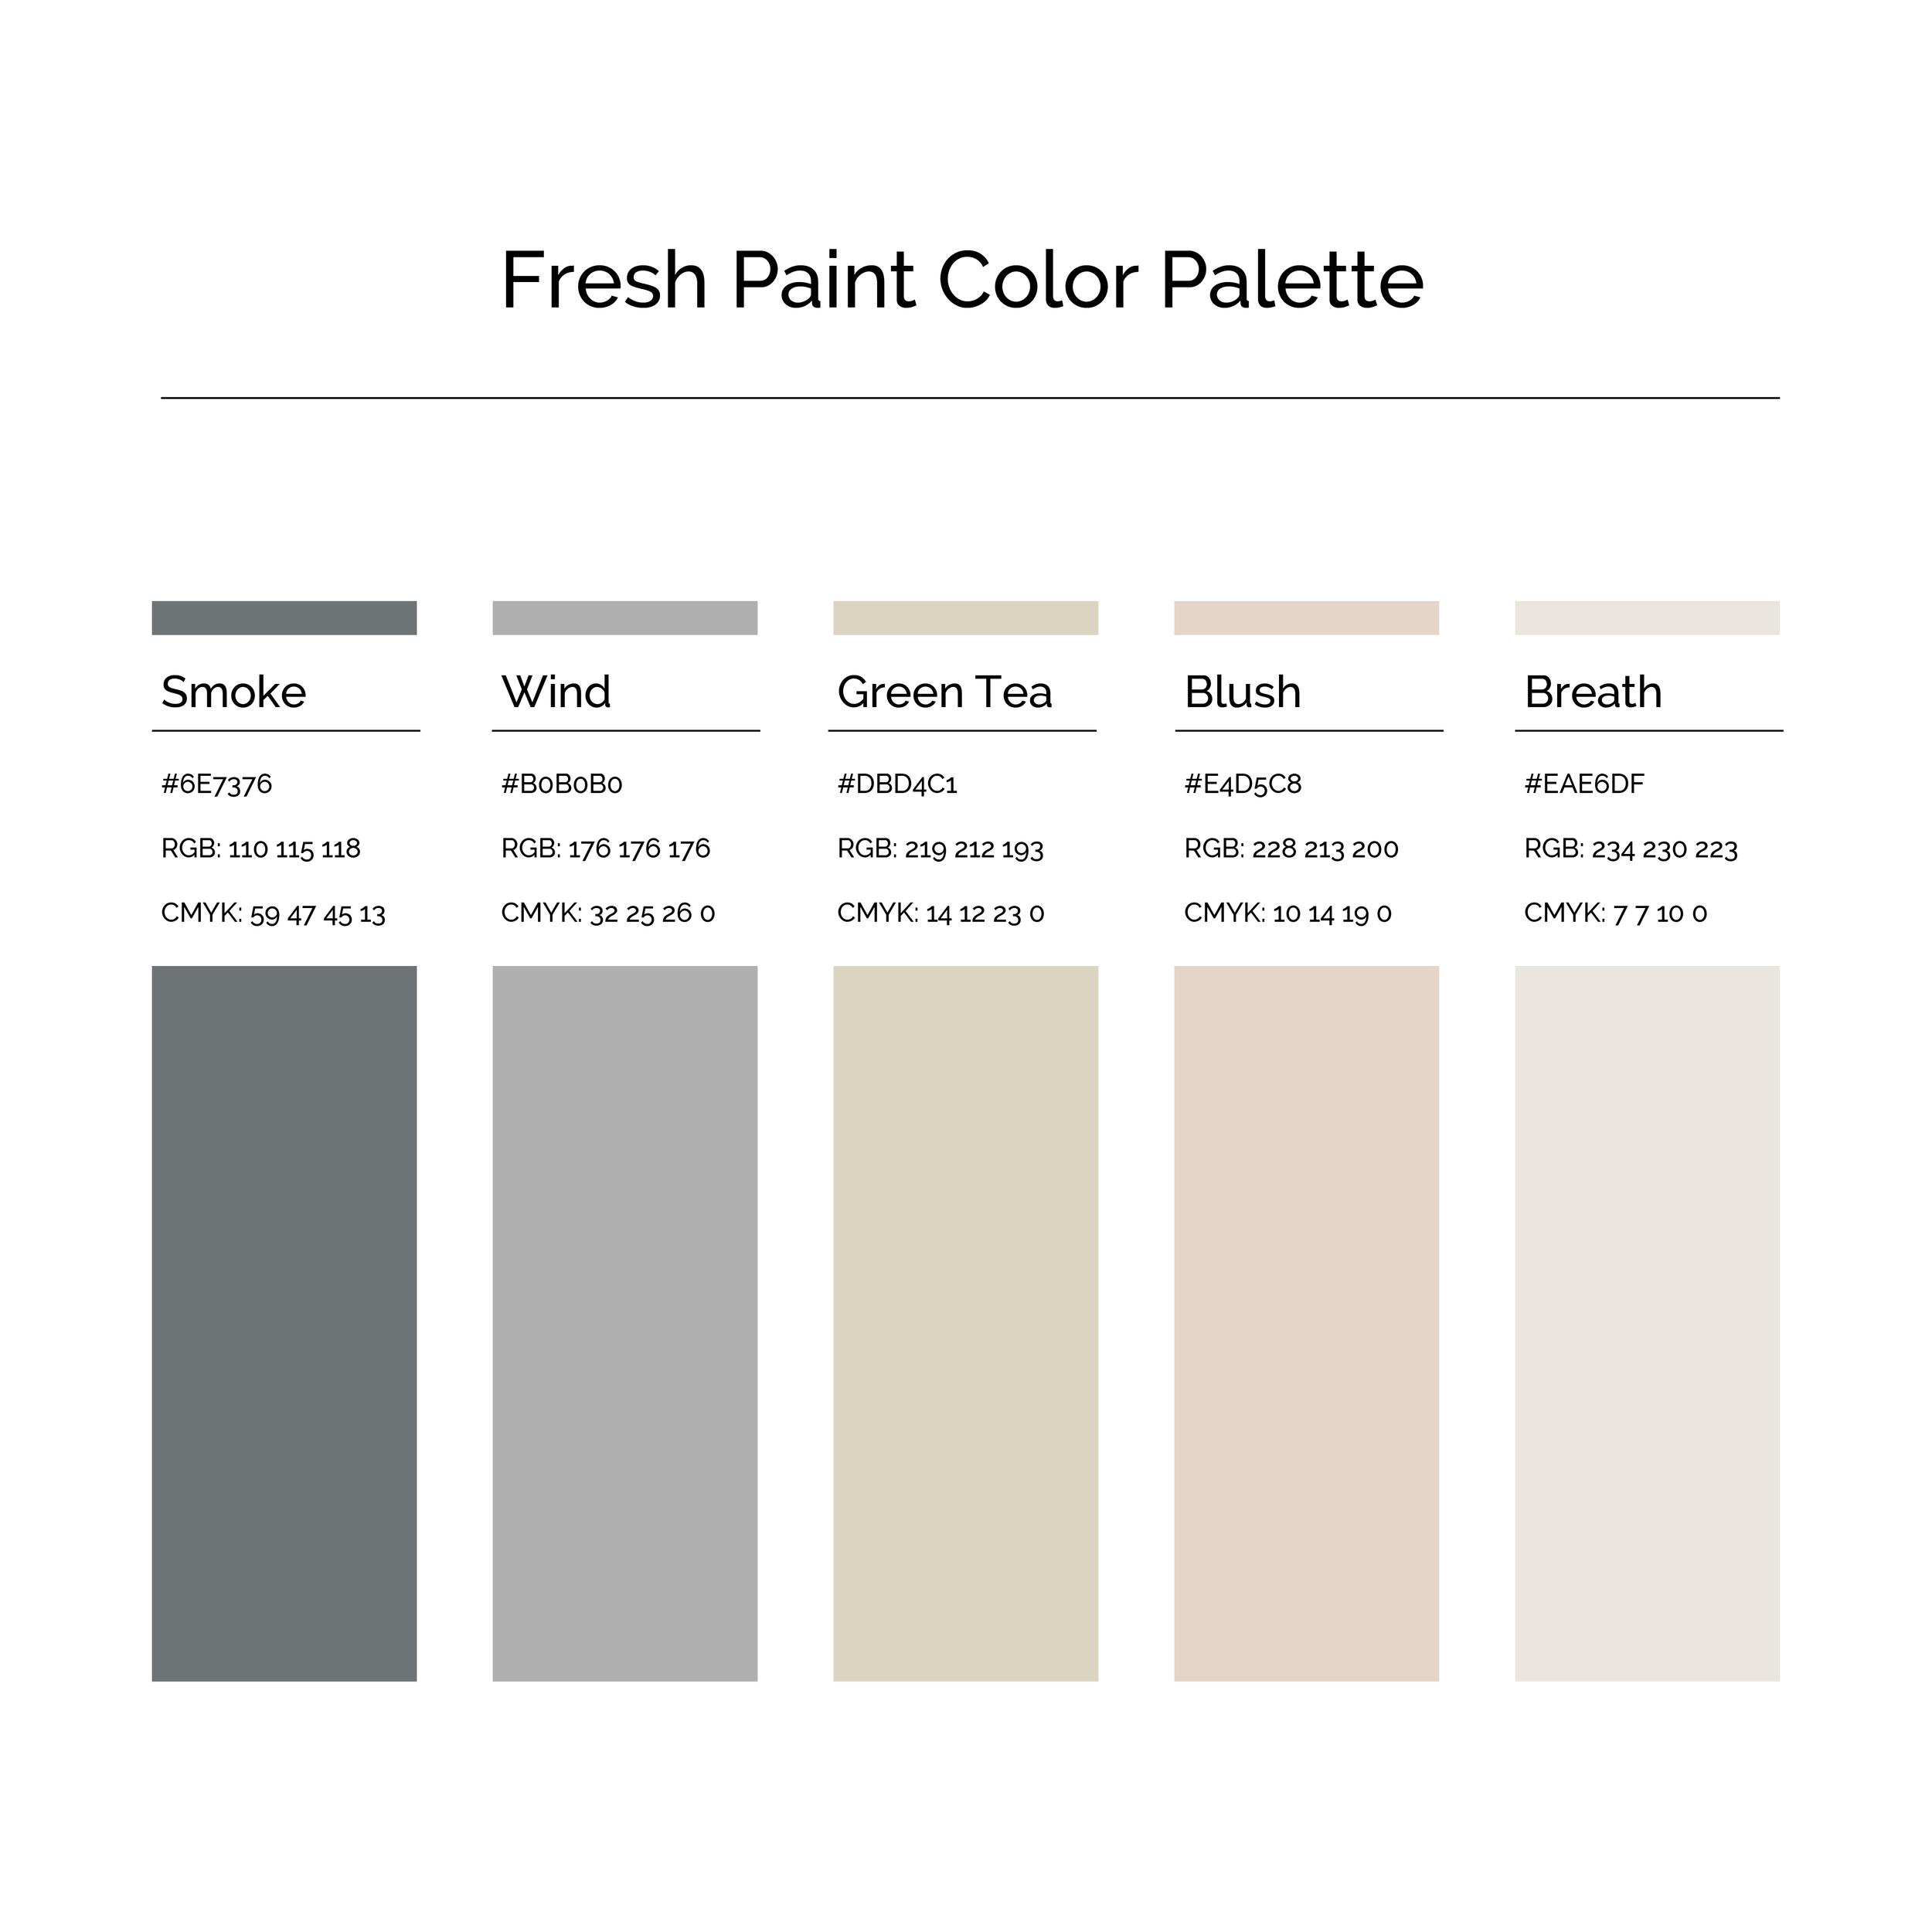 15 More Color Palettes | Fresh Paint Color Palette